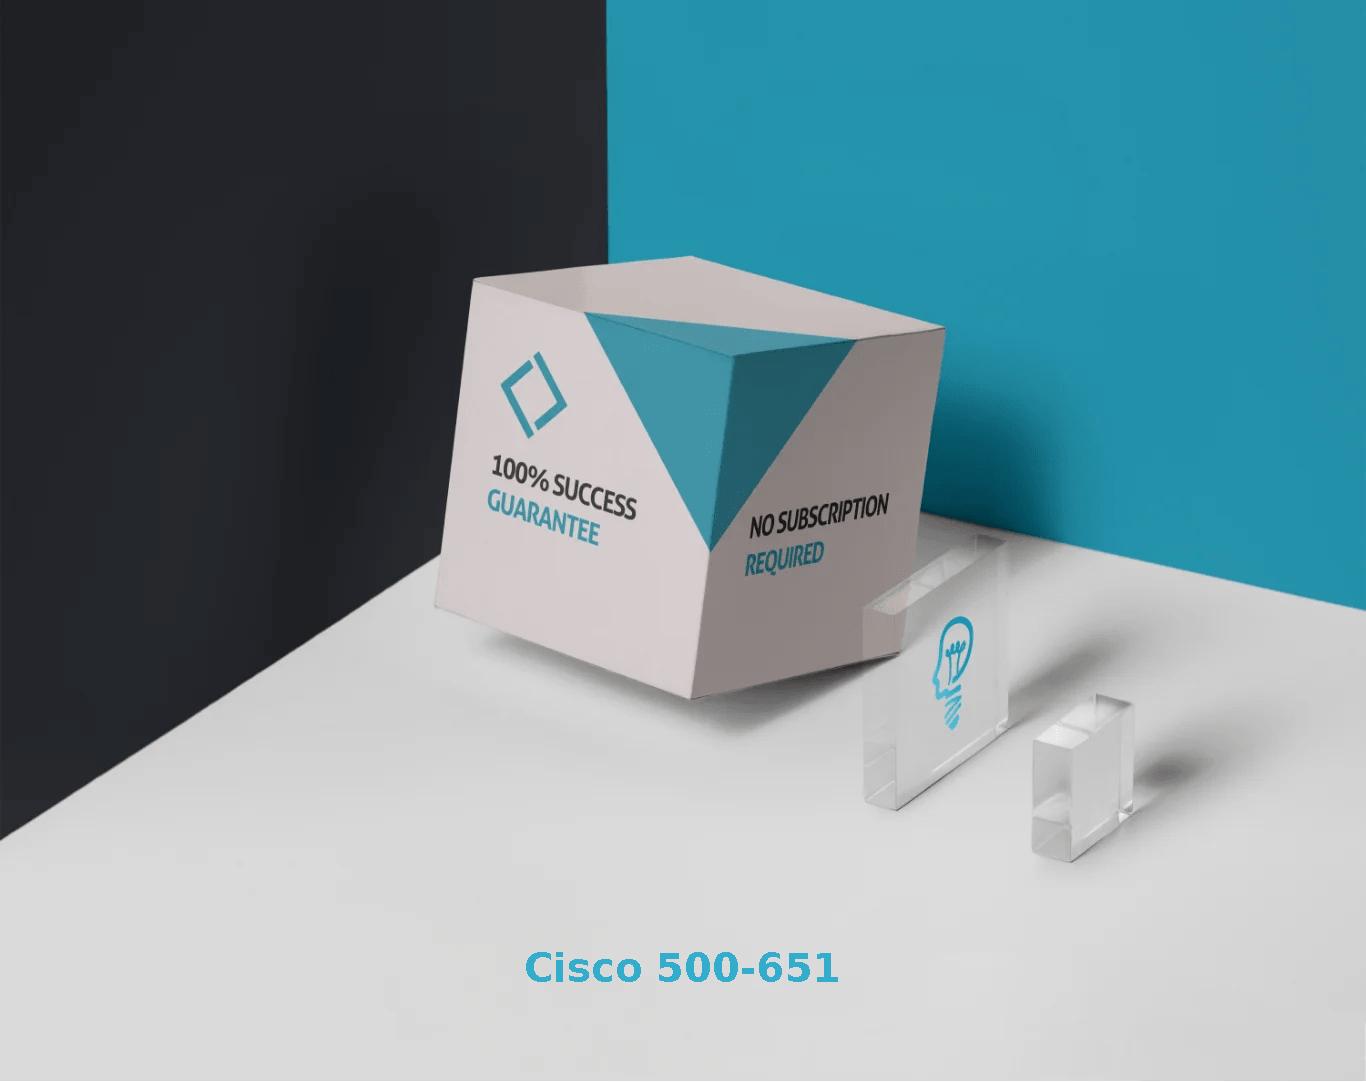 Cisco 500-651 Exams